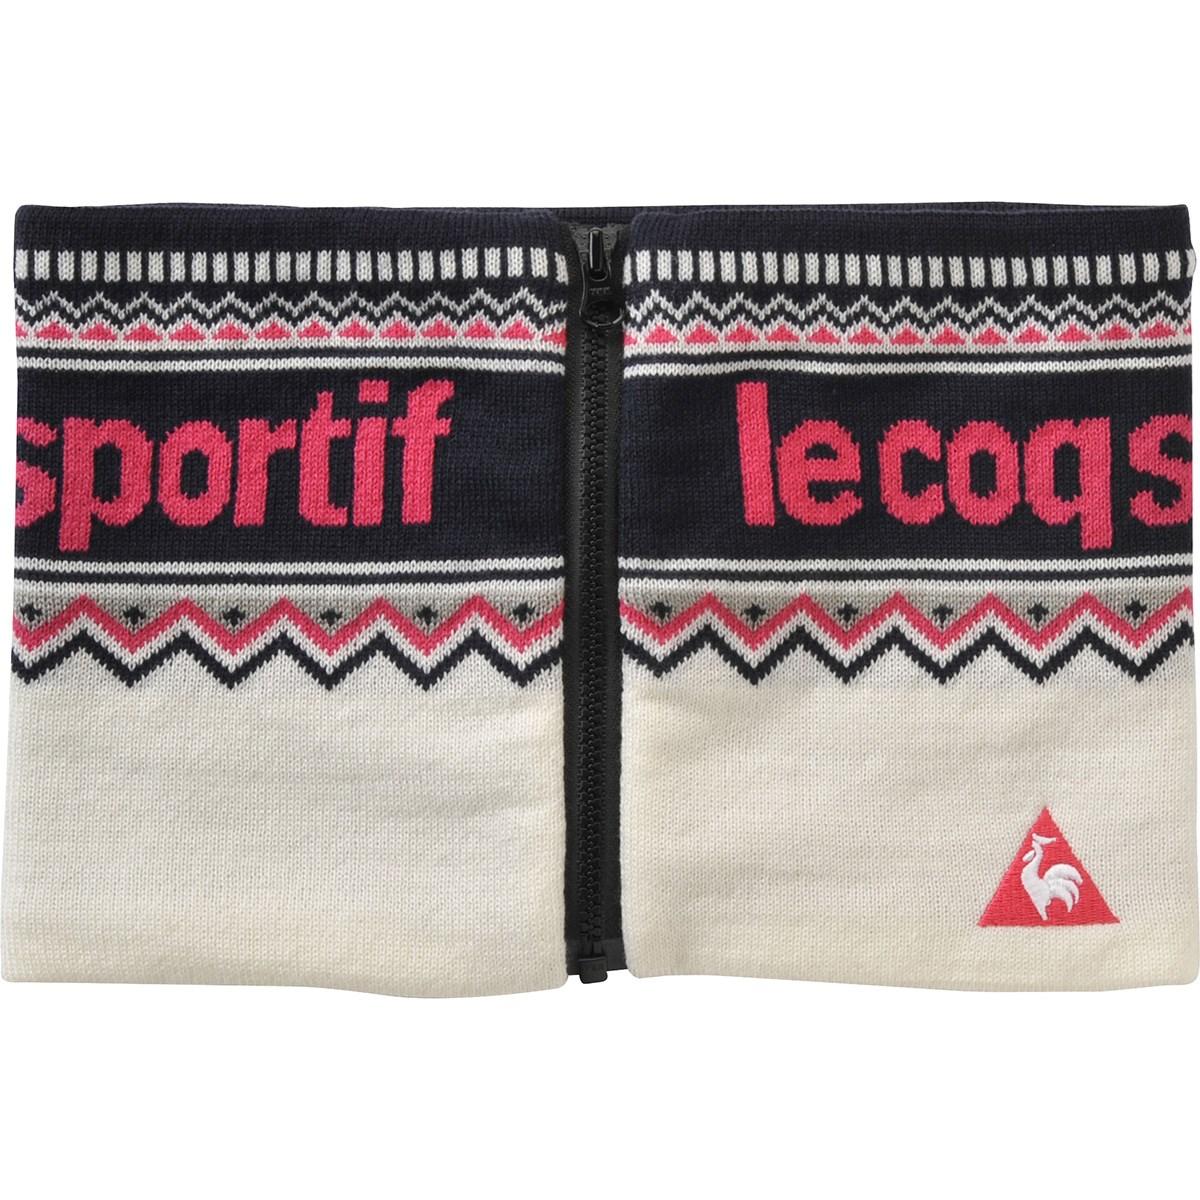 ルコックゴルフ Le coq sportif GOLF ネックウォーマー ホワイト 00 フリー レディス